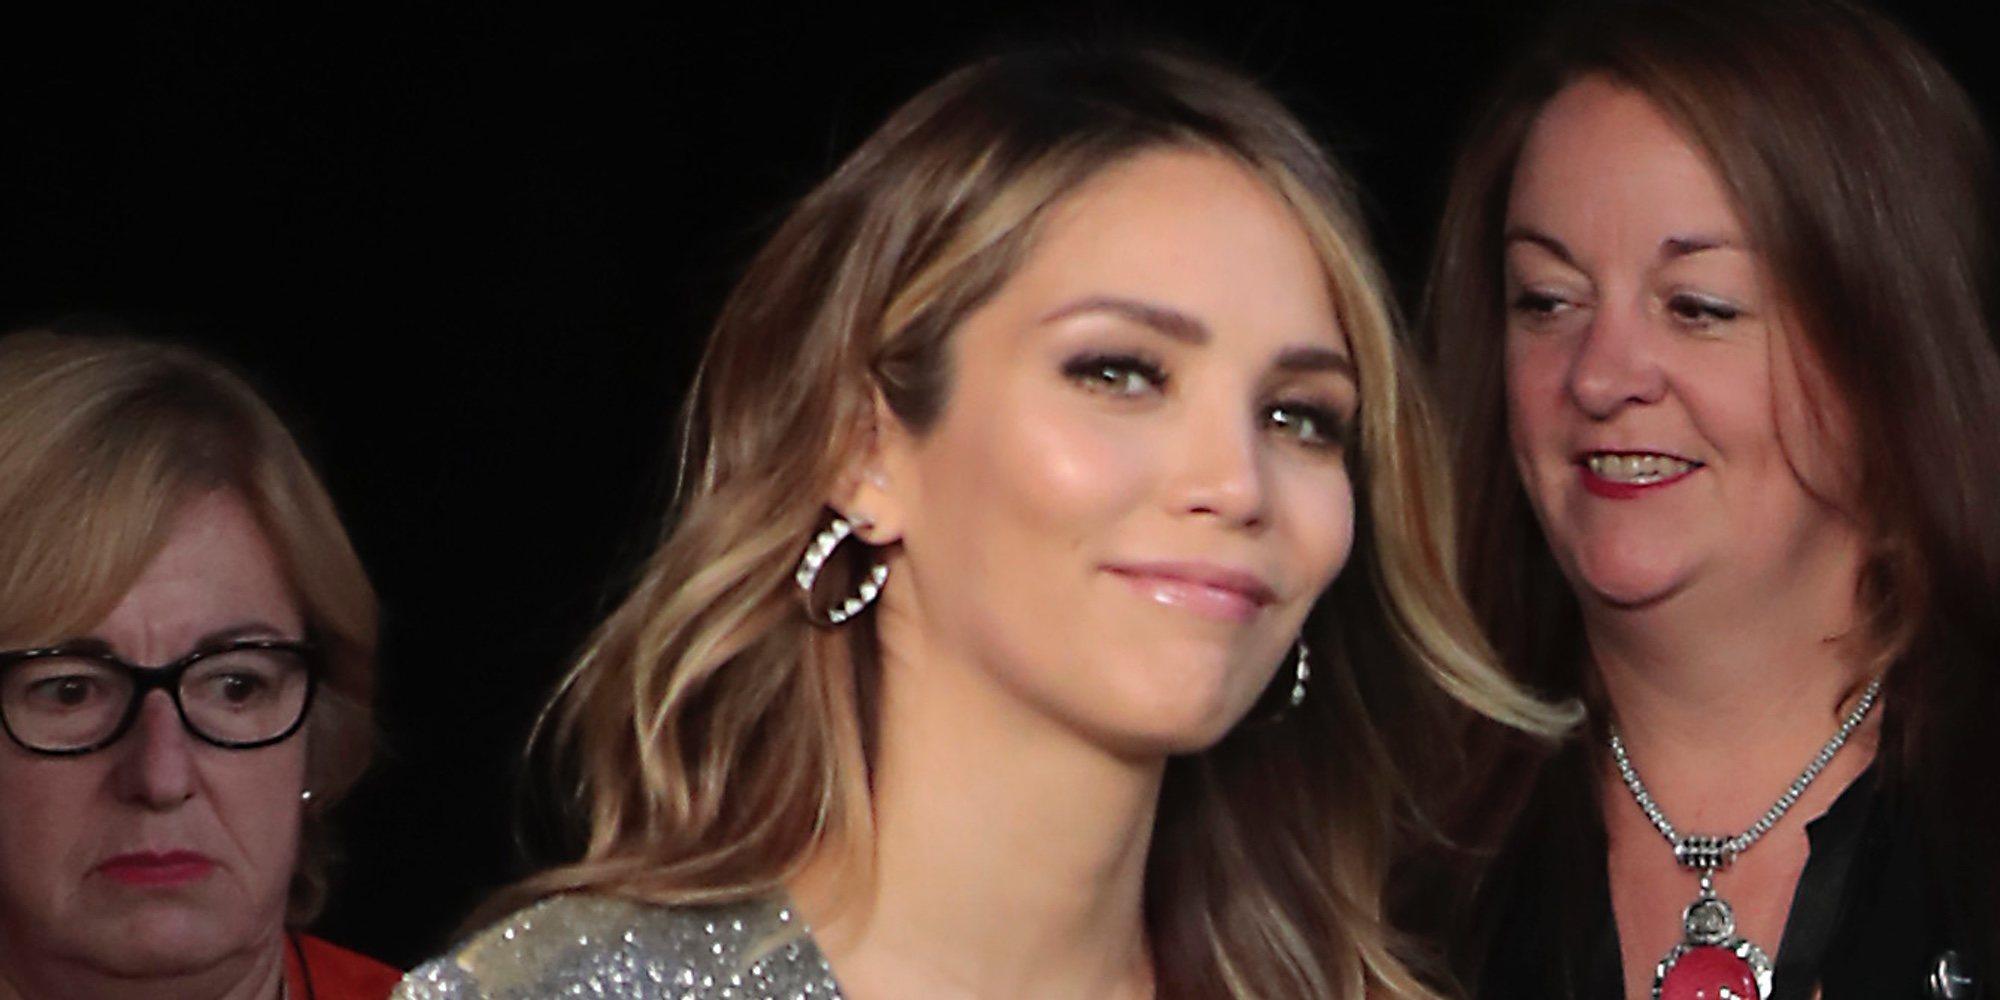 Rosanna Zanetti y su zasca a Elena Tablada: No sabía que no podía subir fotos de Ella a las redes